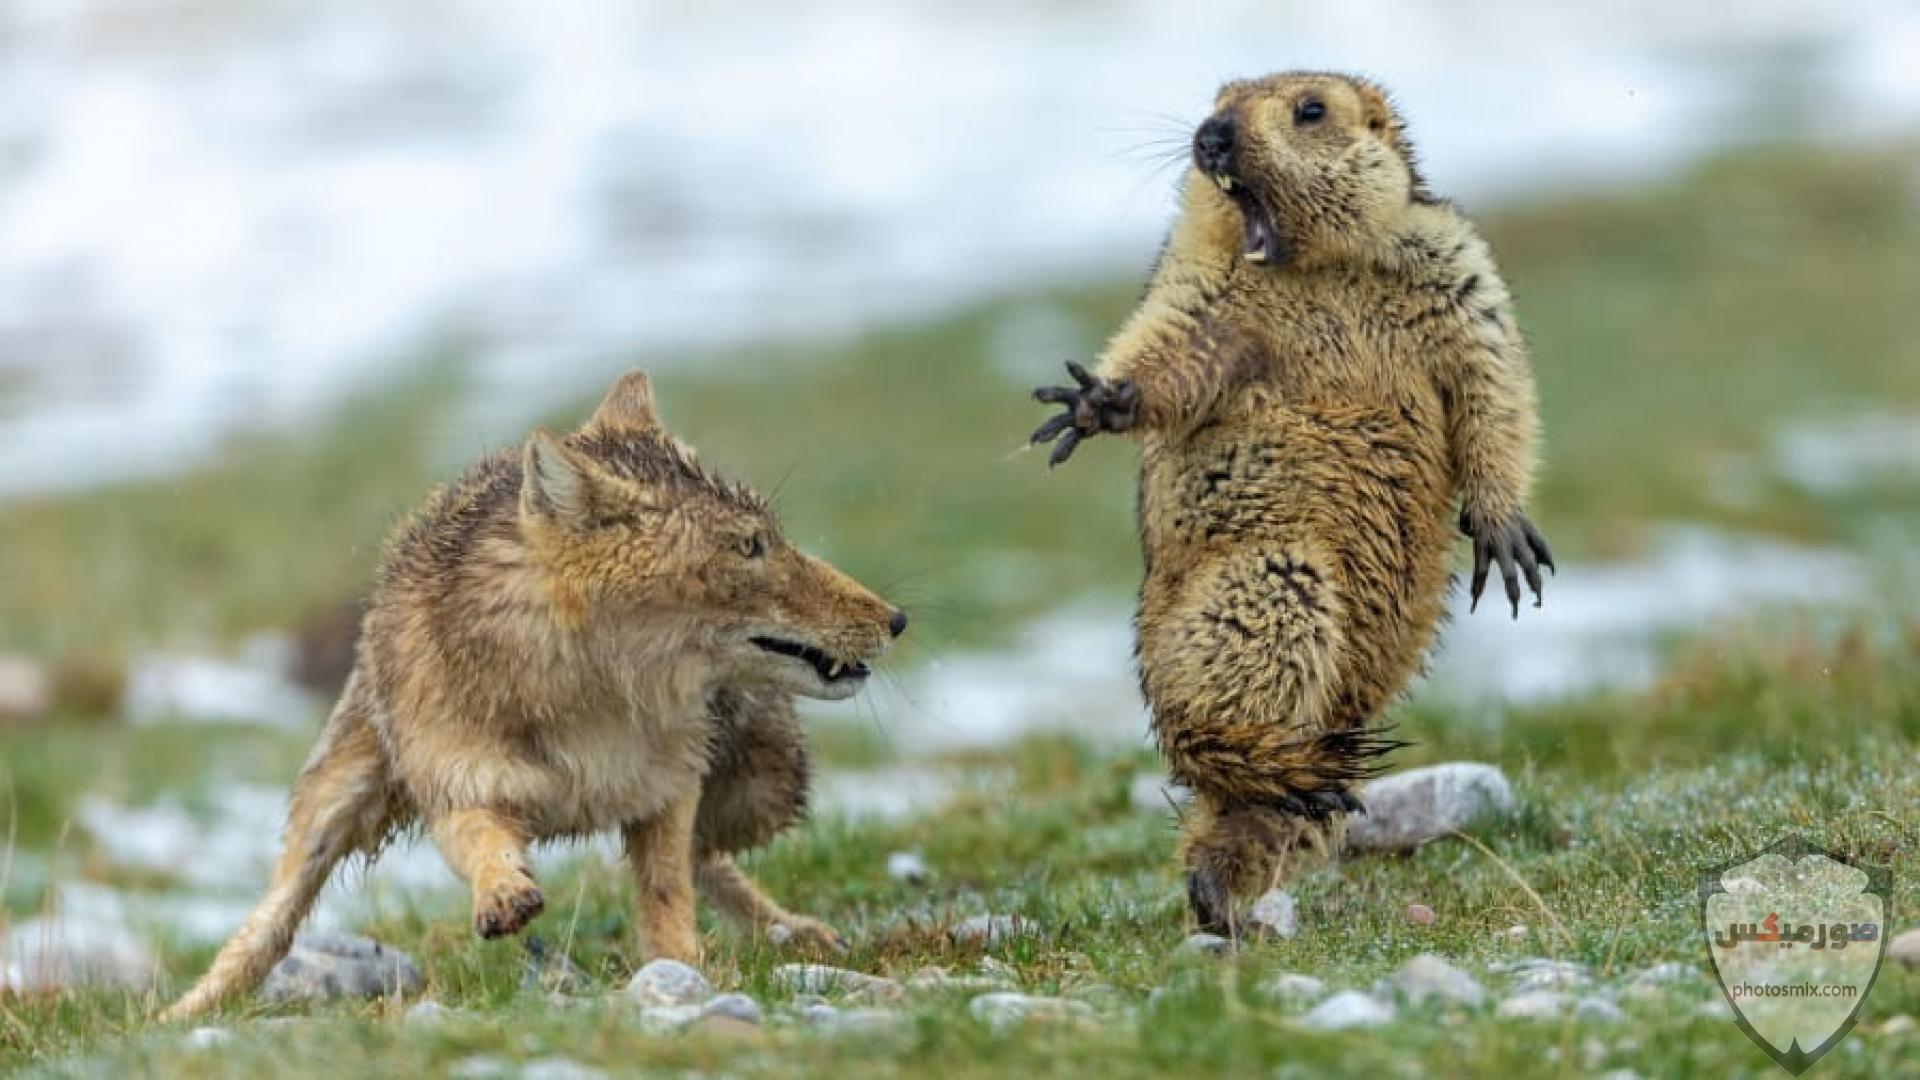 صور حيوانات مضحكة فيديوهات حيوانات مضحكة جدا 2020 1